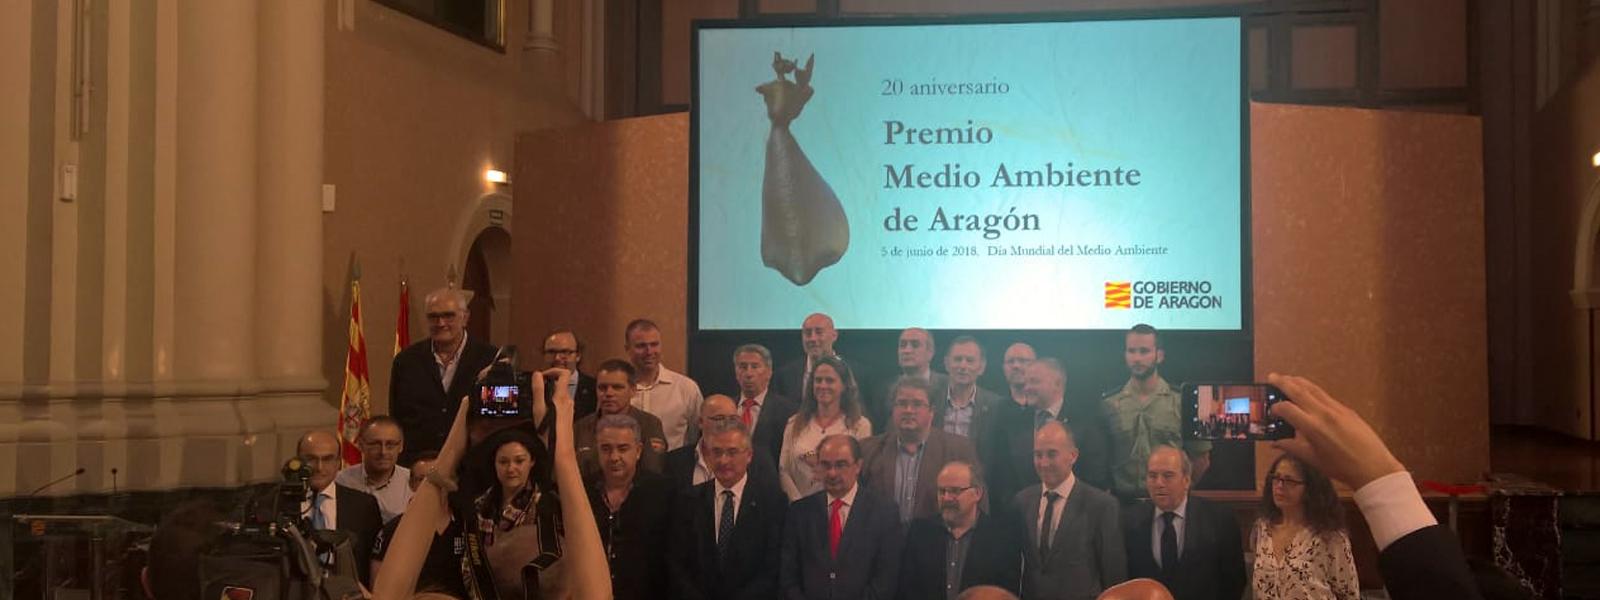 Premios Medio Ambiente de Aragón